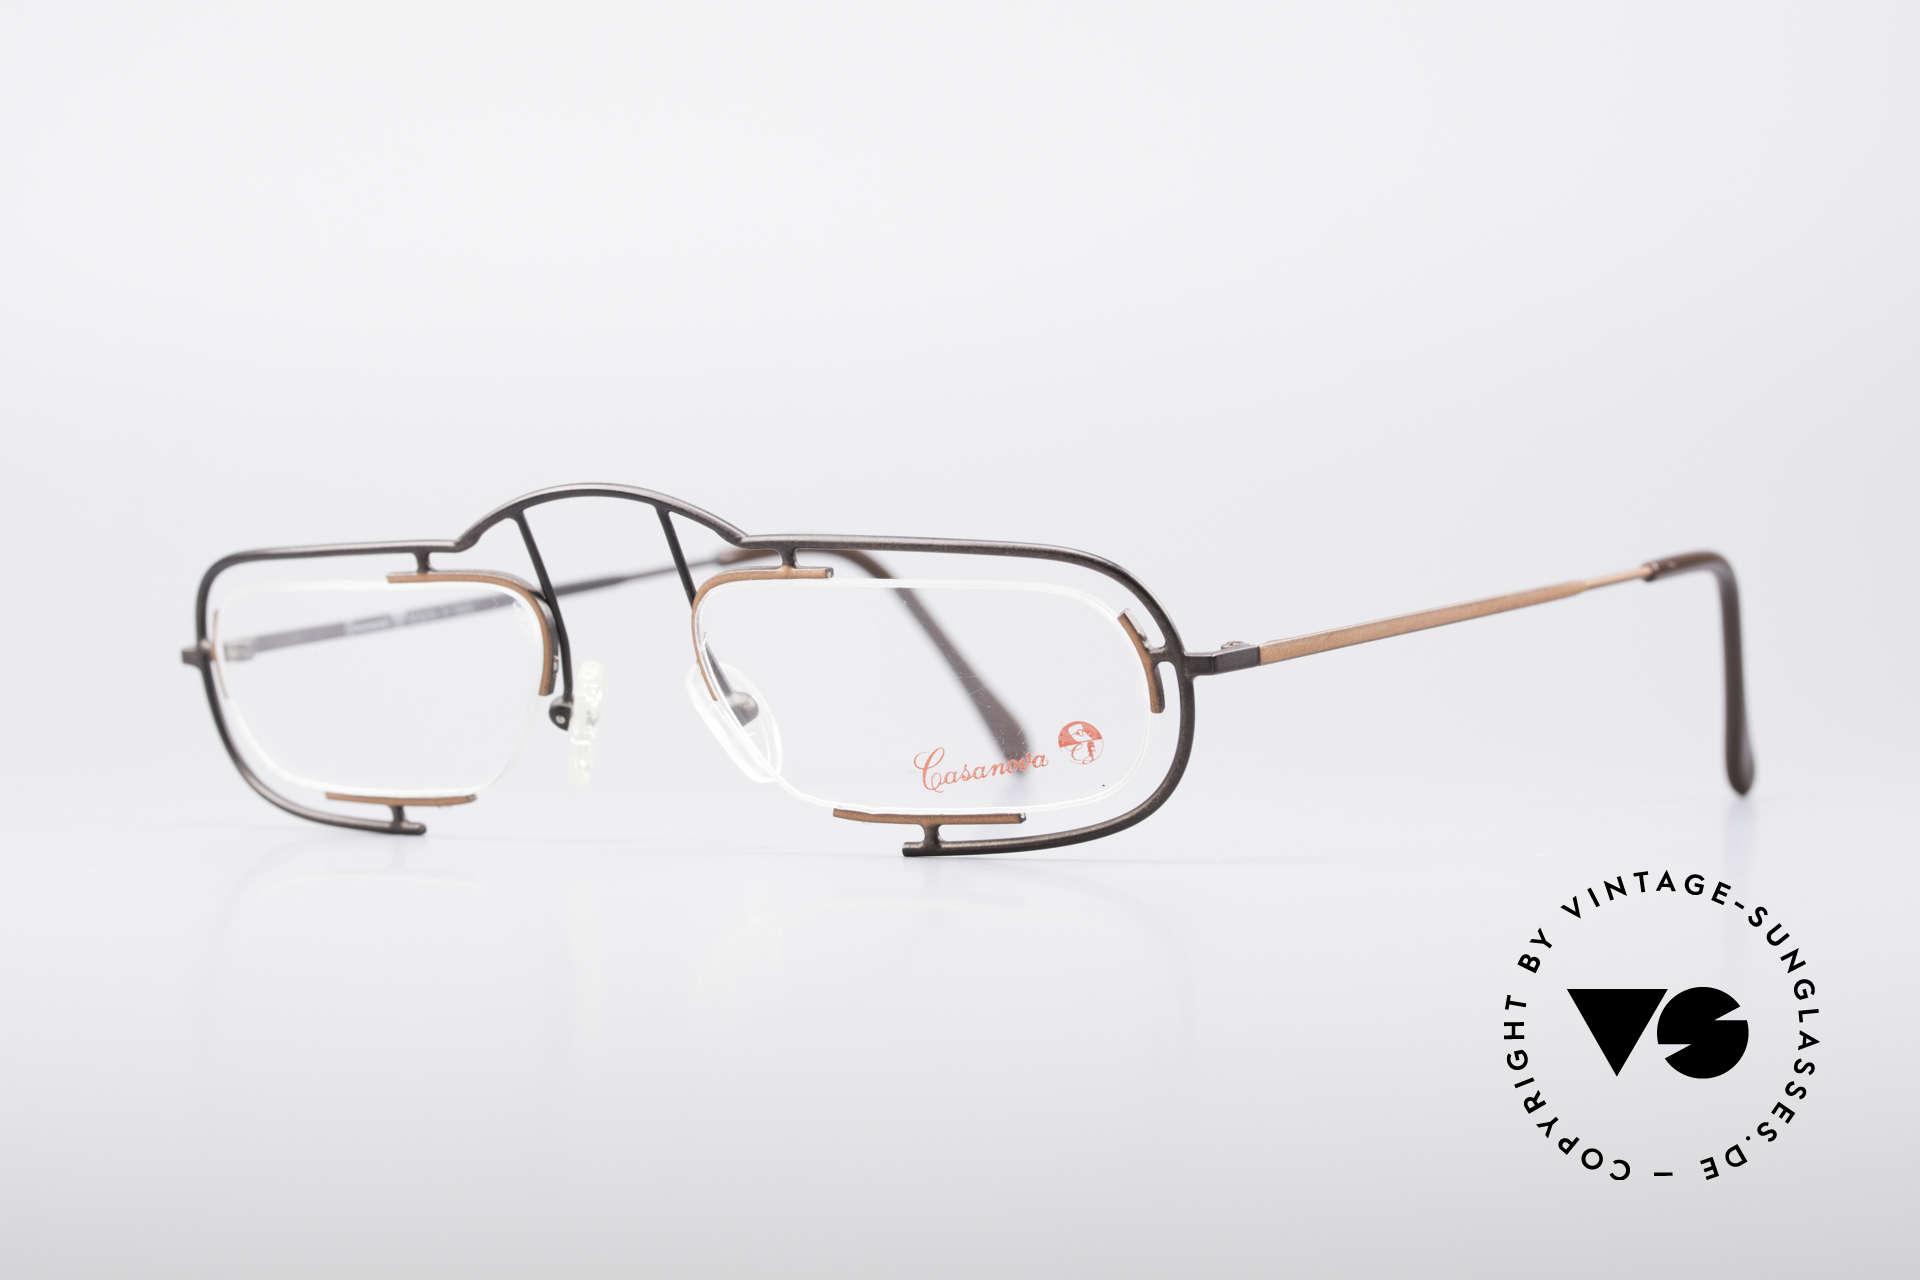 Casanova Clayberg Seltene Vintage Brille 80er, sehr leicht und in von absoluter Spitzen-Qualität, Passend für Herren und Damen